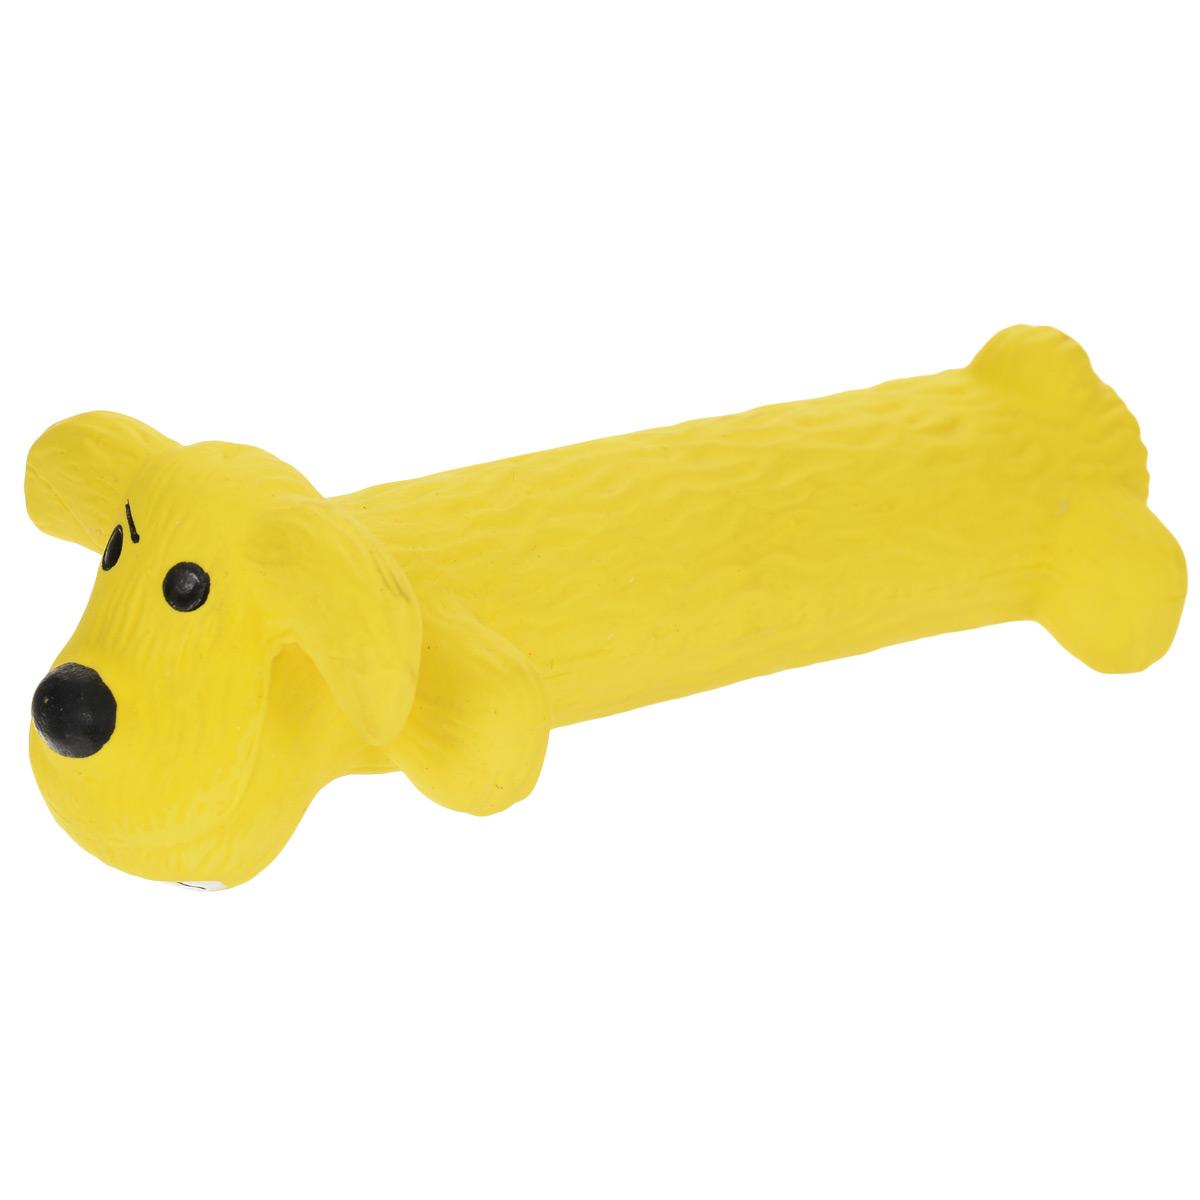 Игрушка Multipet Собака, с пищалкой, цвет: желтый, длина 15 см12-61035Прочная игрушка Multipet Собака с пищалкой изготовлена из качественного структурированного латекса - прочного и безопасного материала с использованием нетоксичных красителей. Игрушка уникальна тем, что имеет мягкий наполнитель. Устойчива к разгрызанию. Пищит при нажатии. Имеет приятный и интересный для собаки рельеф.Великолепно подходит для игры и массажа десен вашей собаки. Игрушка не позволит скучать вашему питомцу ни дома, ни на улице.